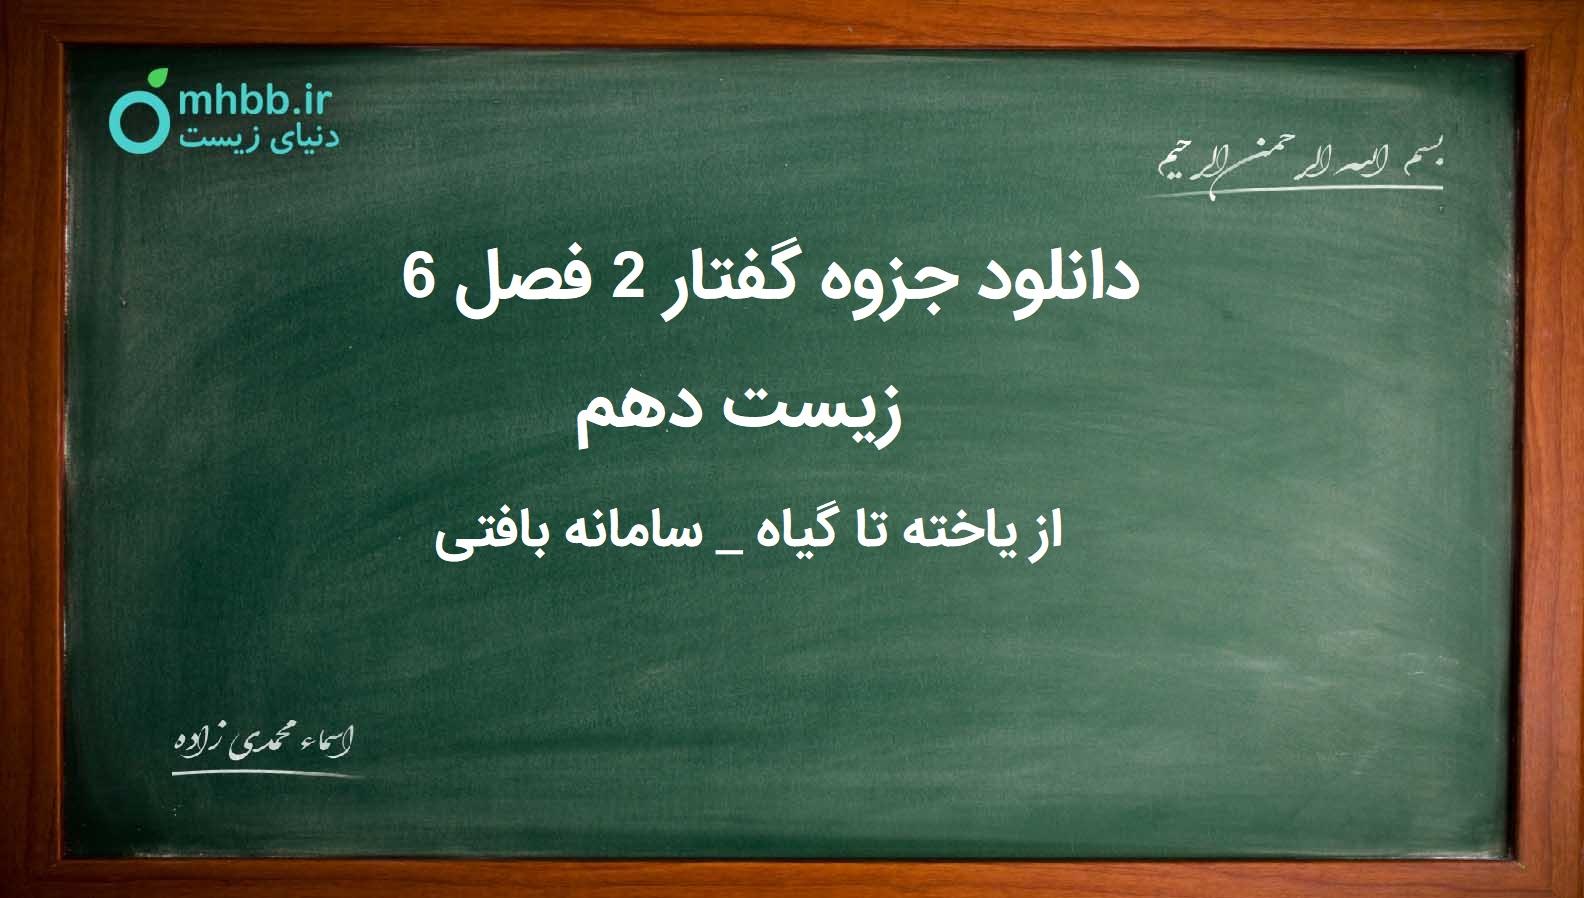 دانلود جزوه گفتار 2 فصل 6 زیست دهم